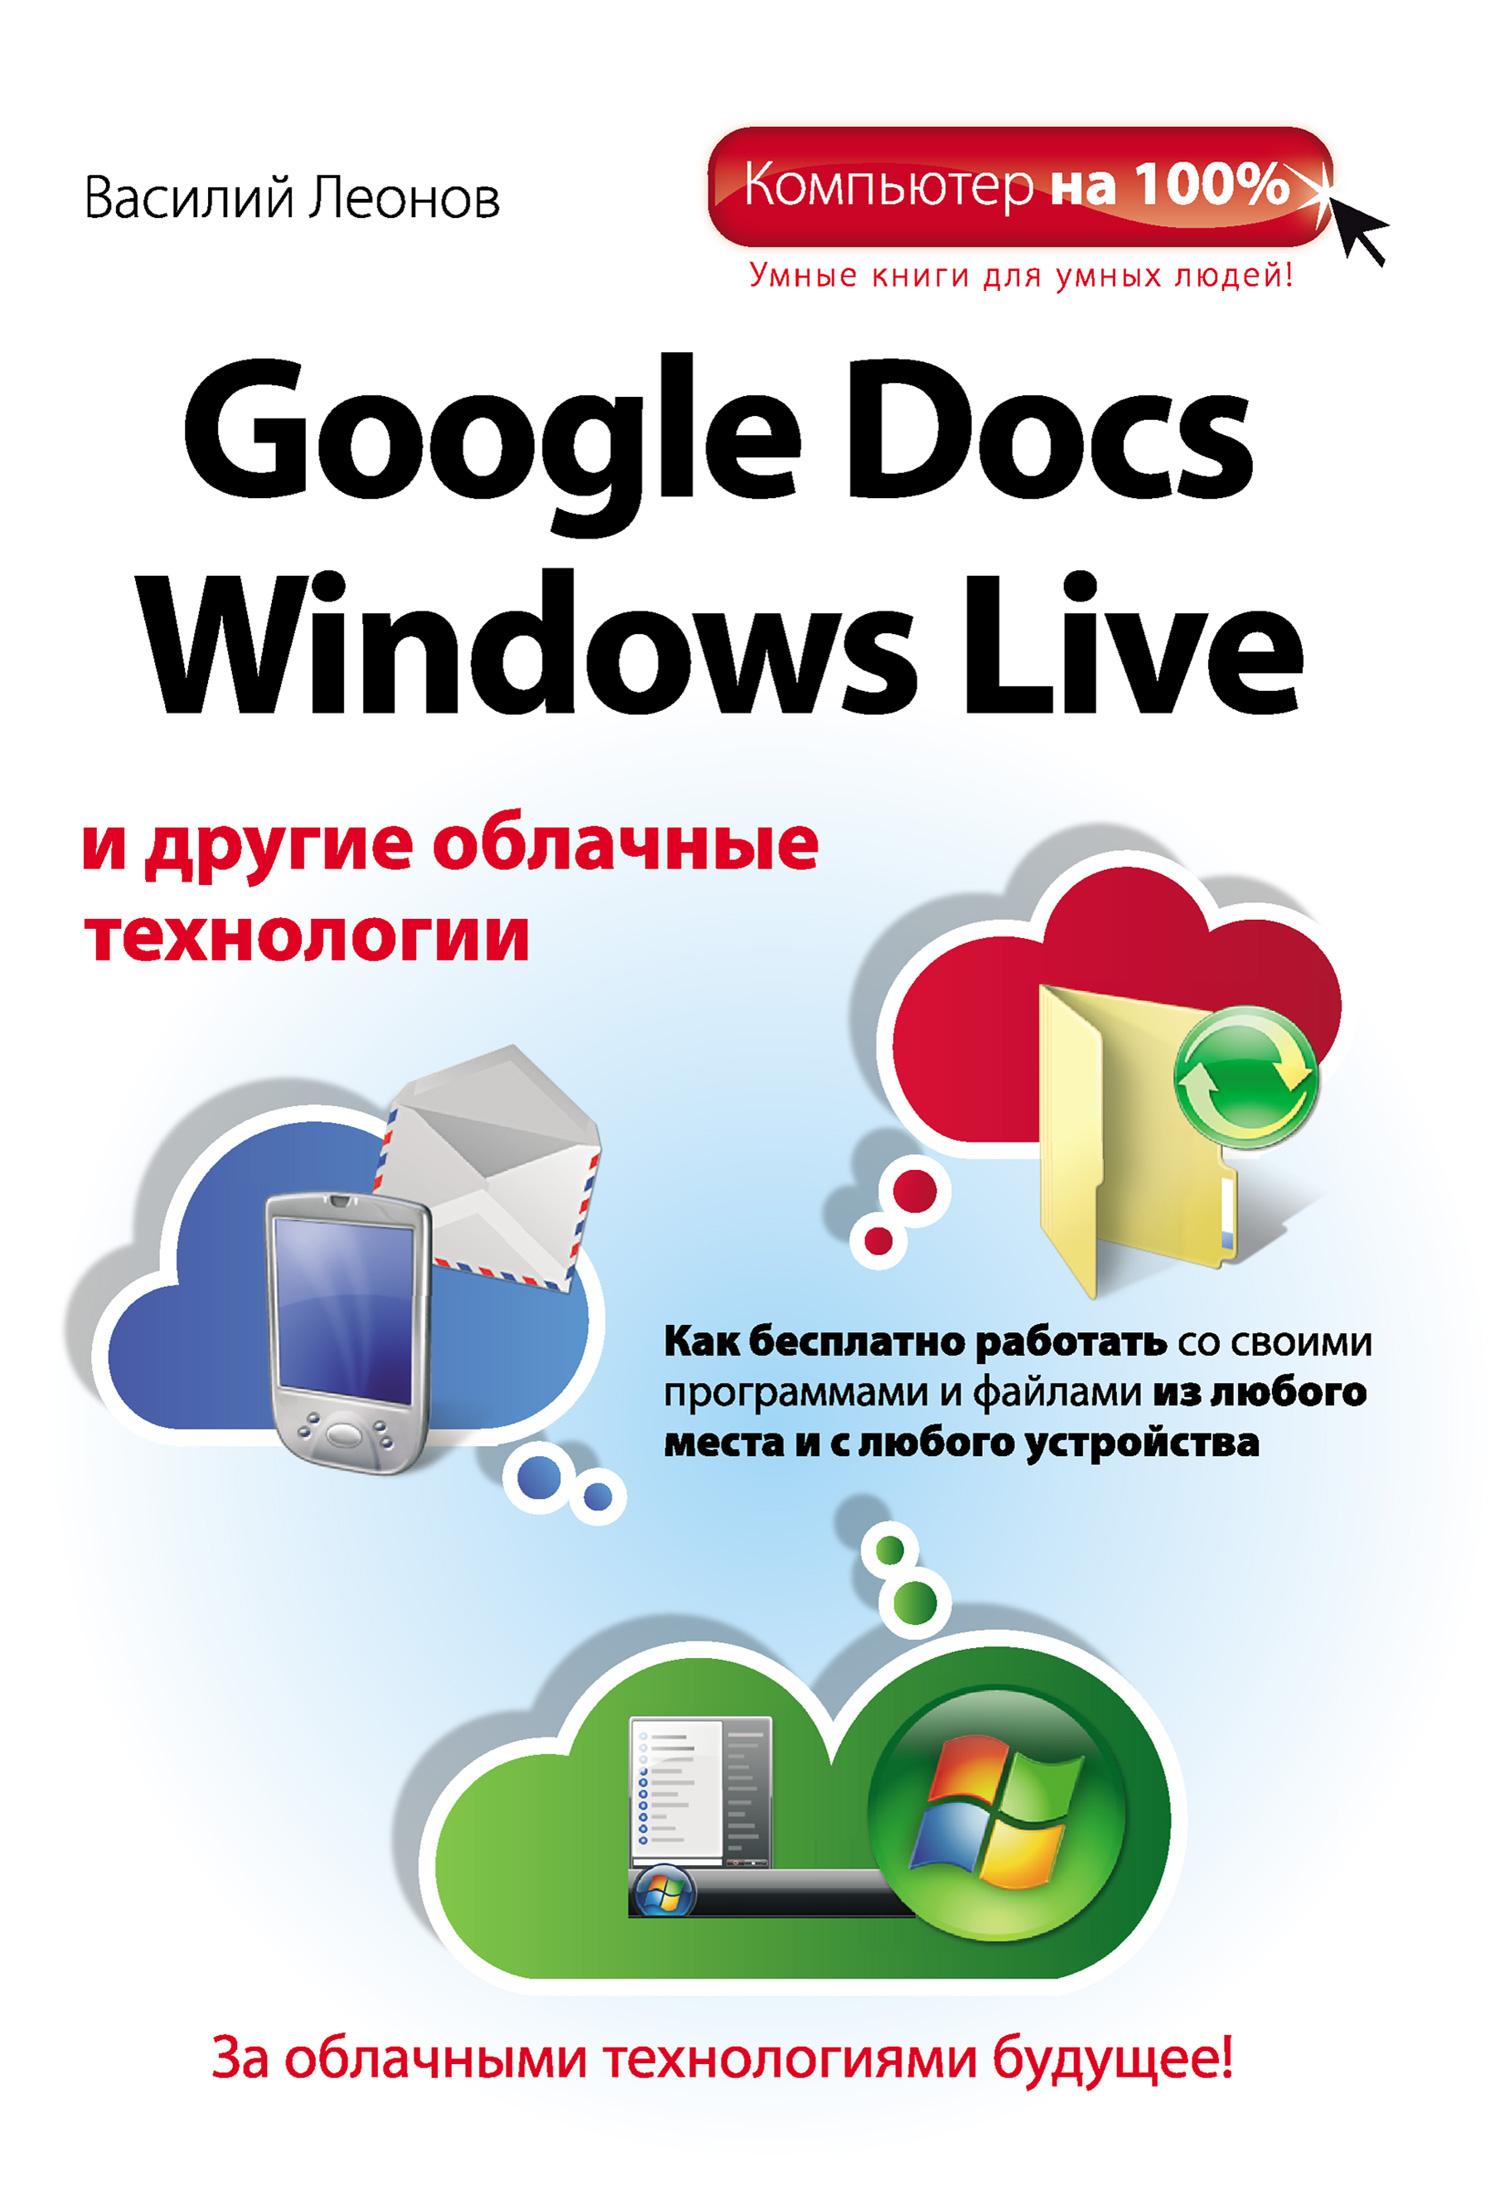 Василий Леонов Google Docs, Windows Live и другие облачные технологии